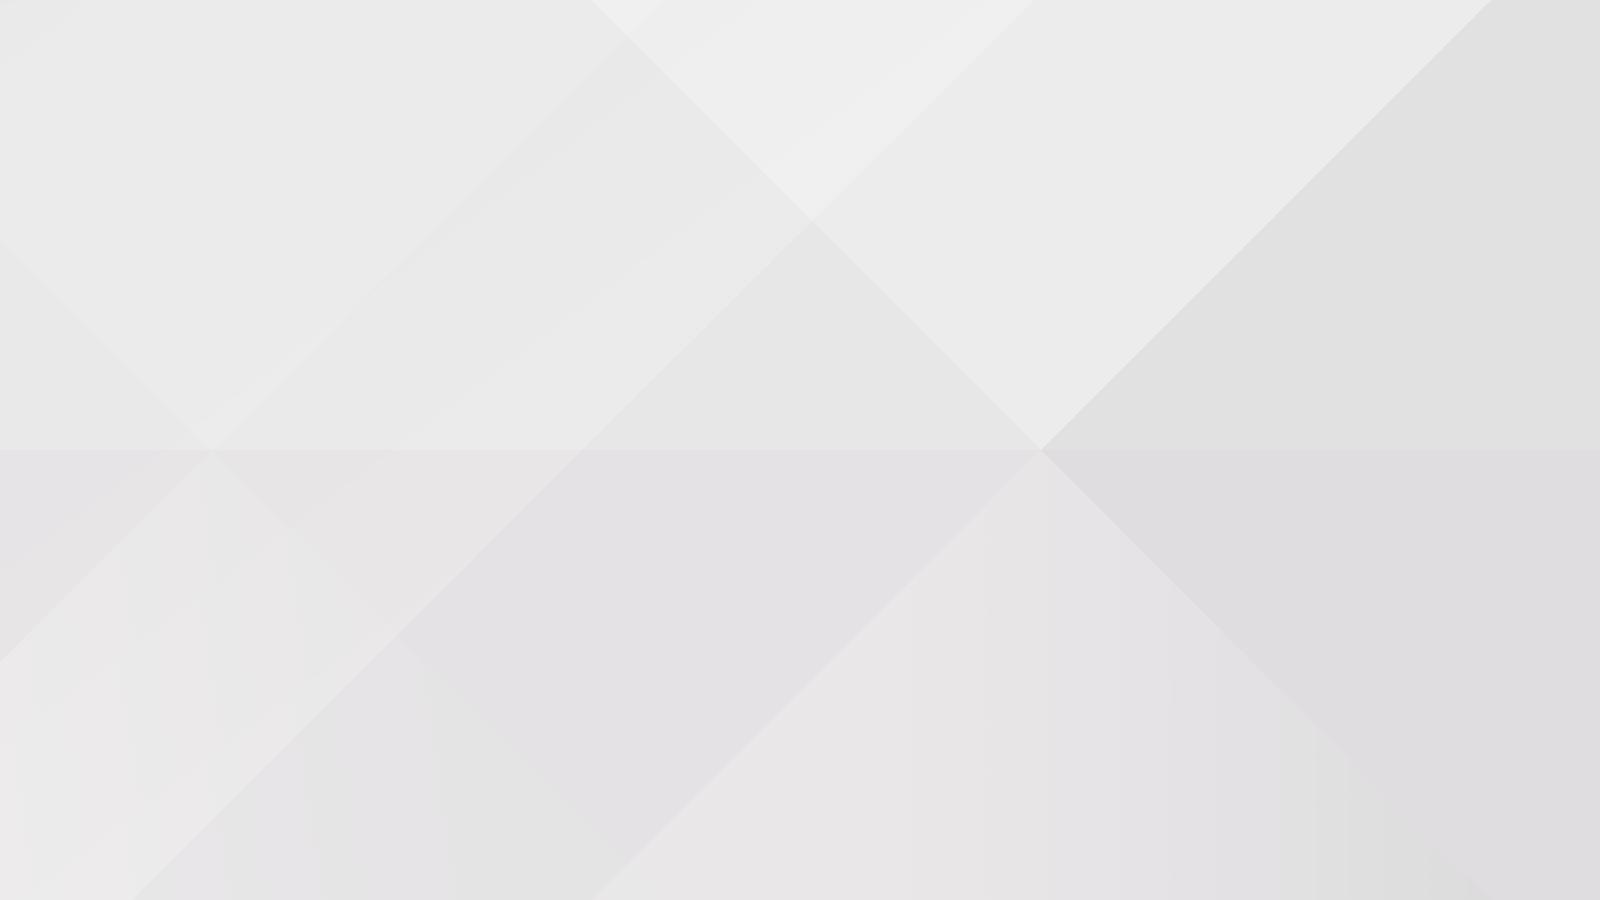 White Wallpaper For Desktop Best Wallpaper Hd Vector Background Pattern Geometric Background White Wallpaper